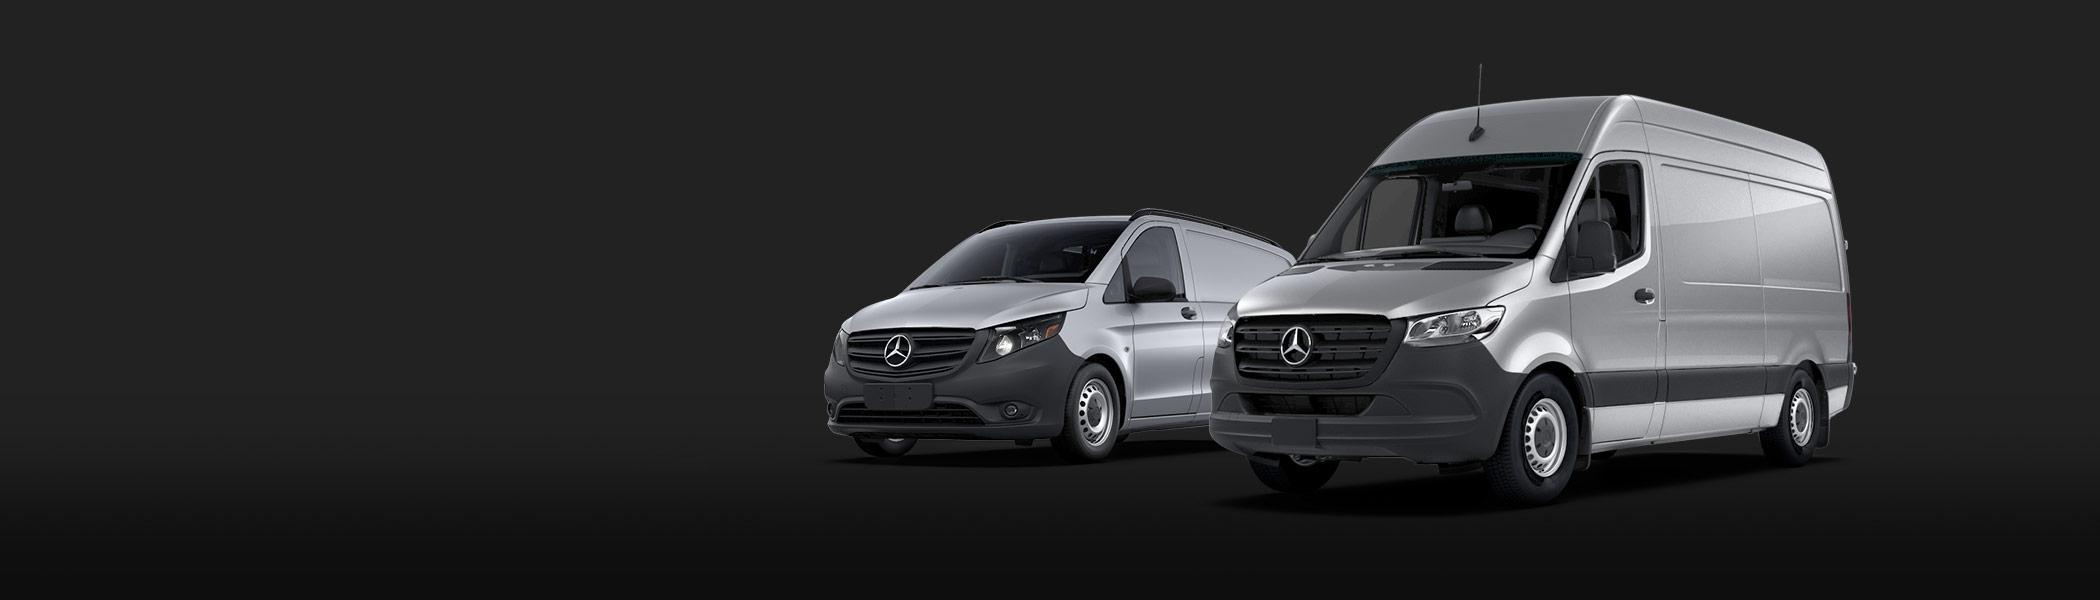 Owner Manuals | Mercedes-Benz Vans